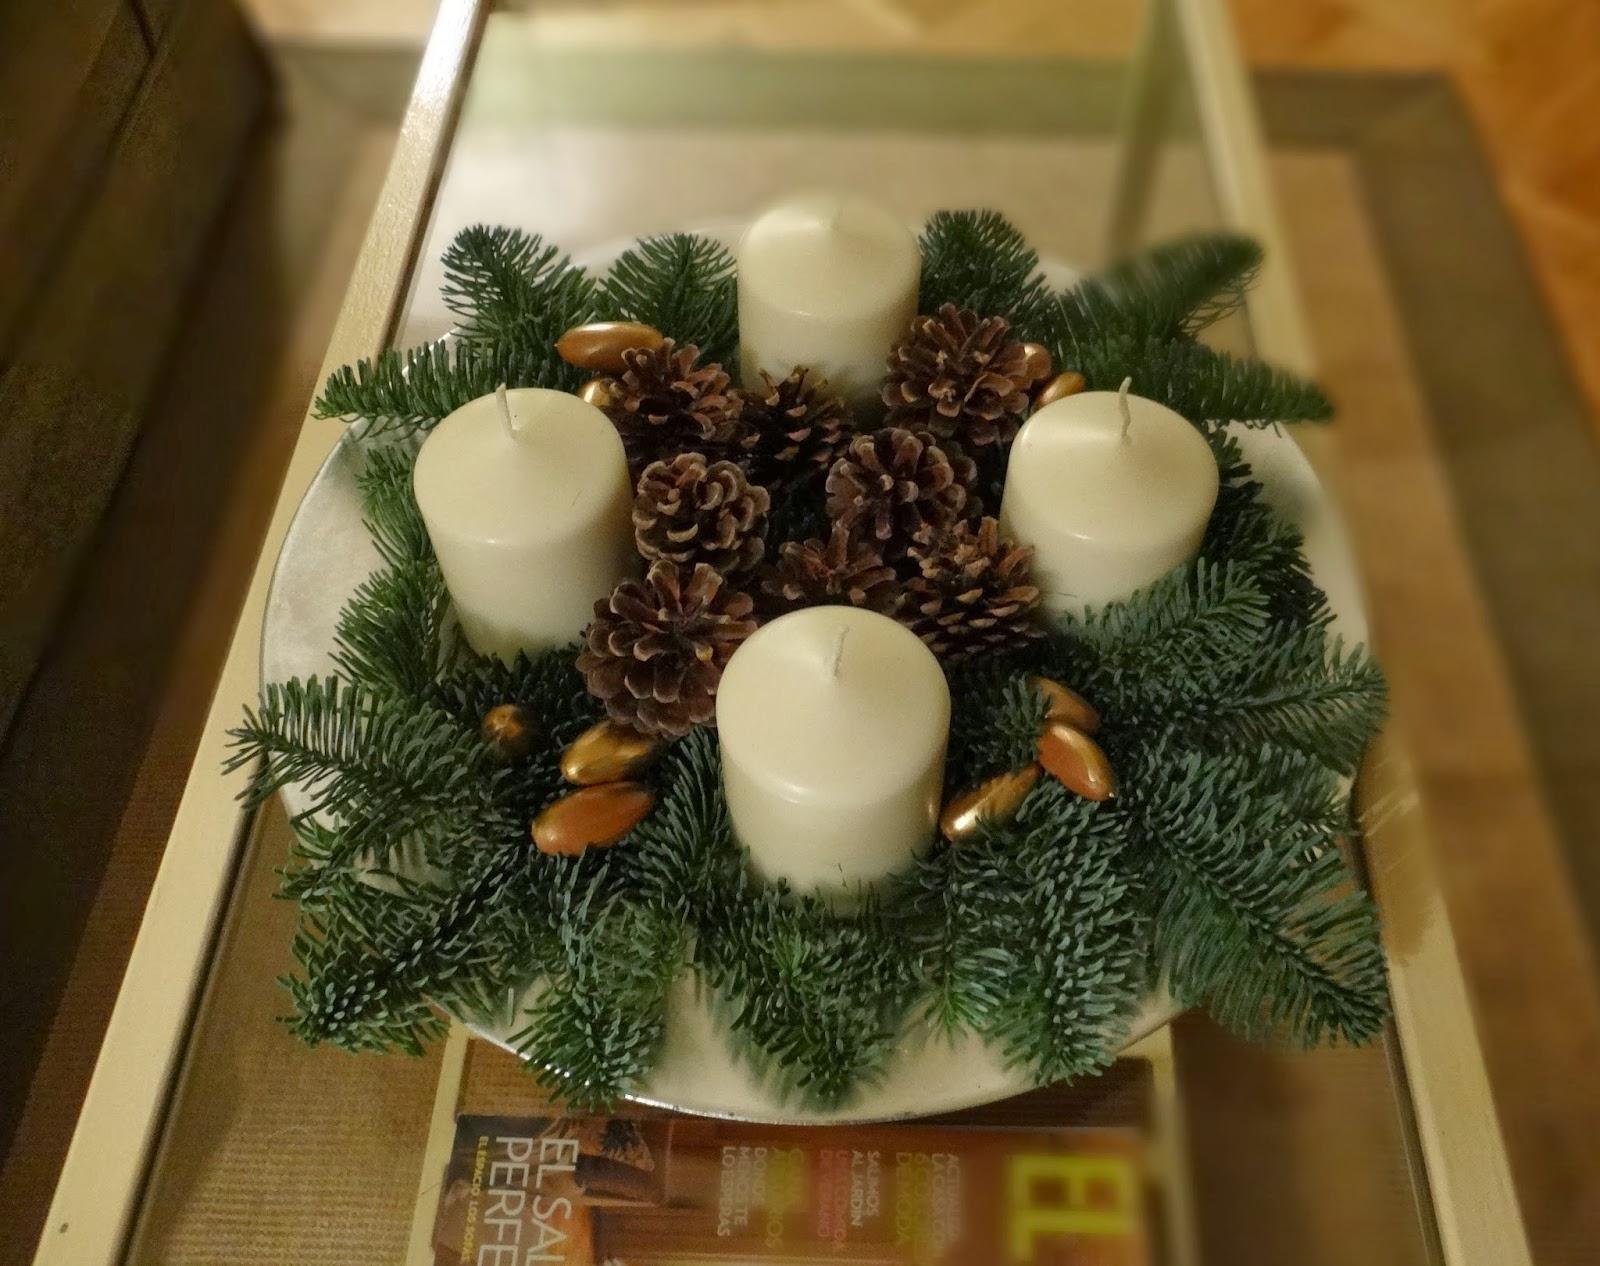 Ca 39 lavanda diy centro de navidad corona de adviento - Centro de navidad con velas ...